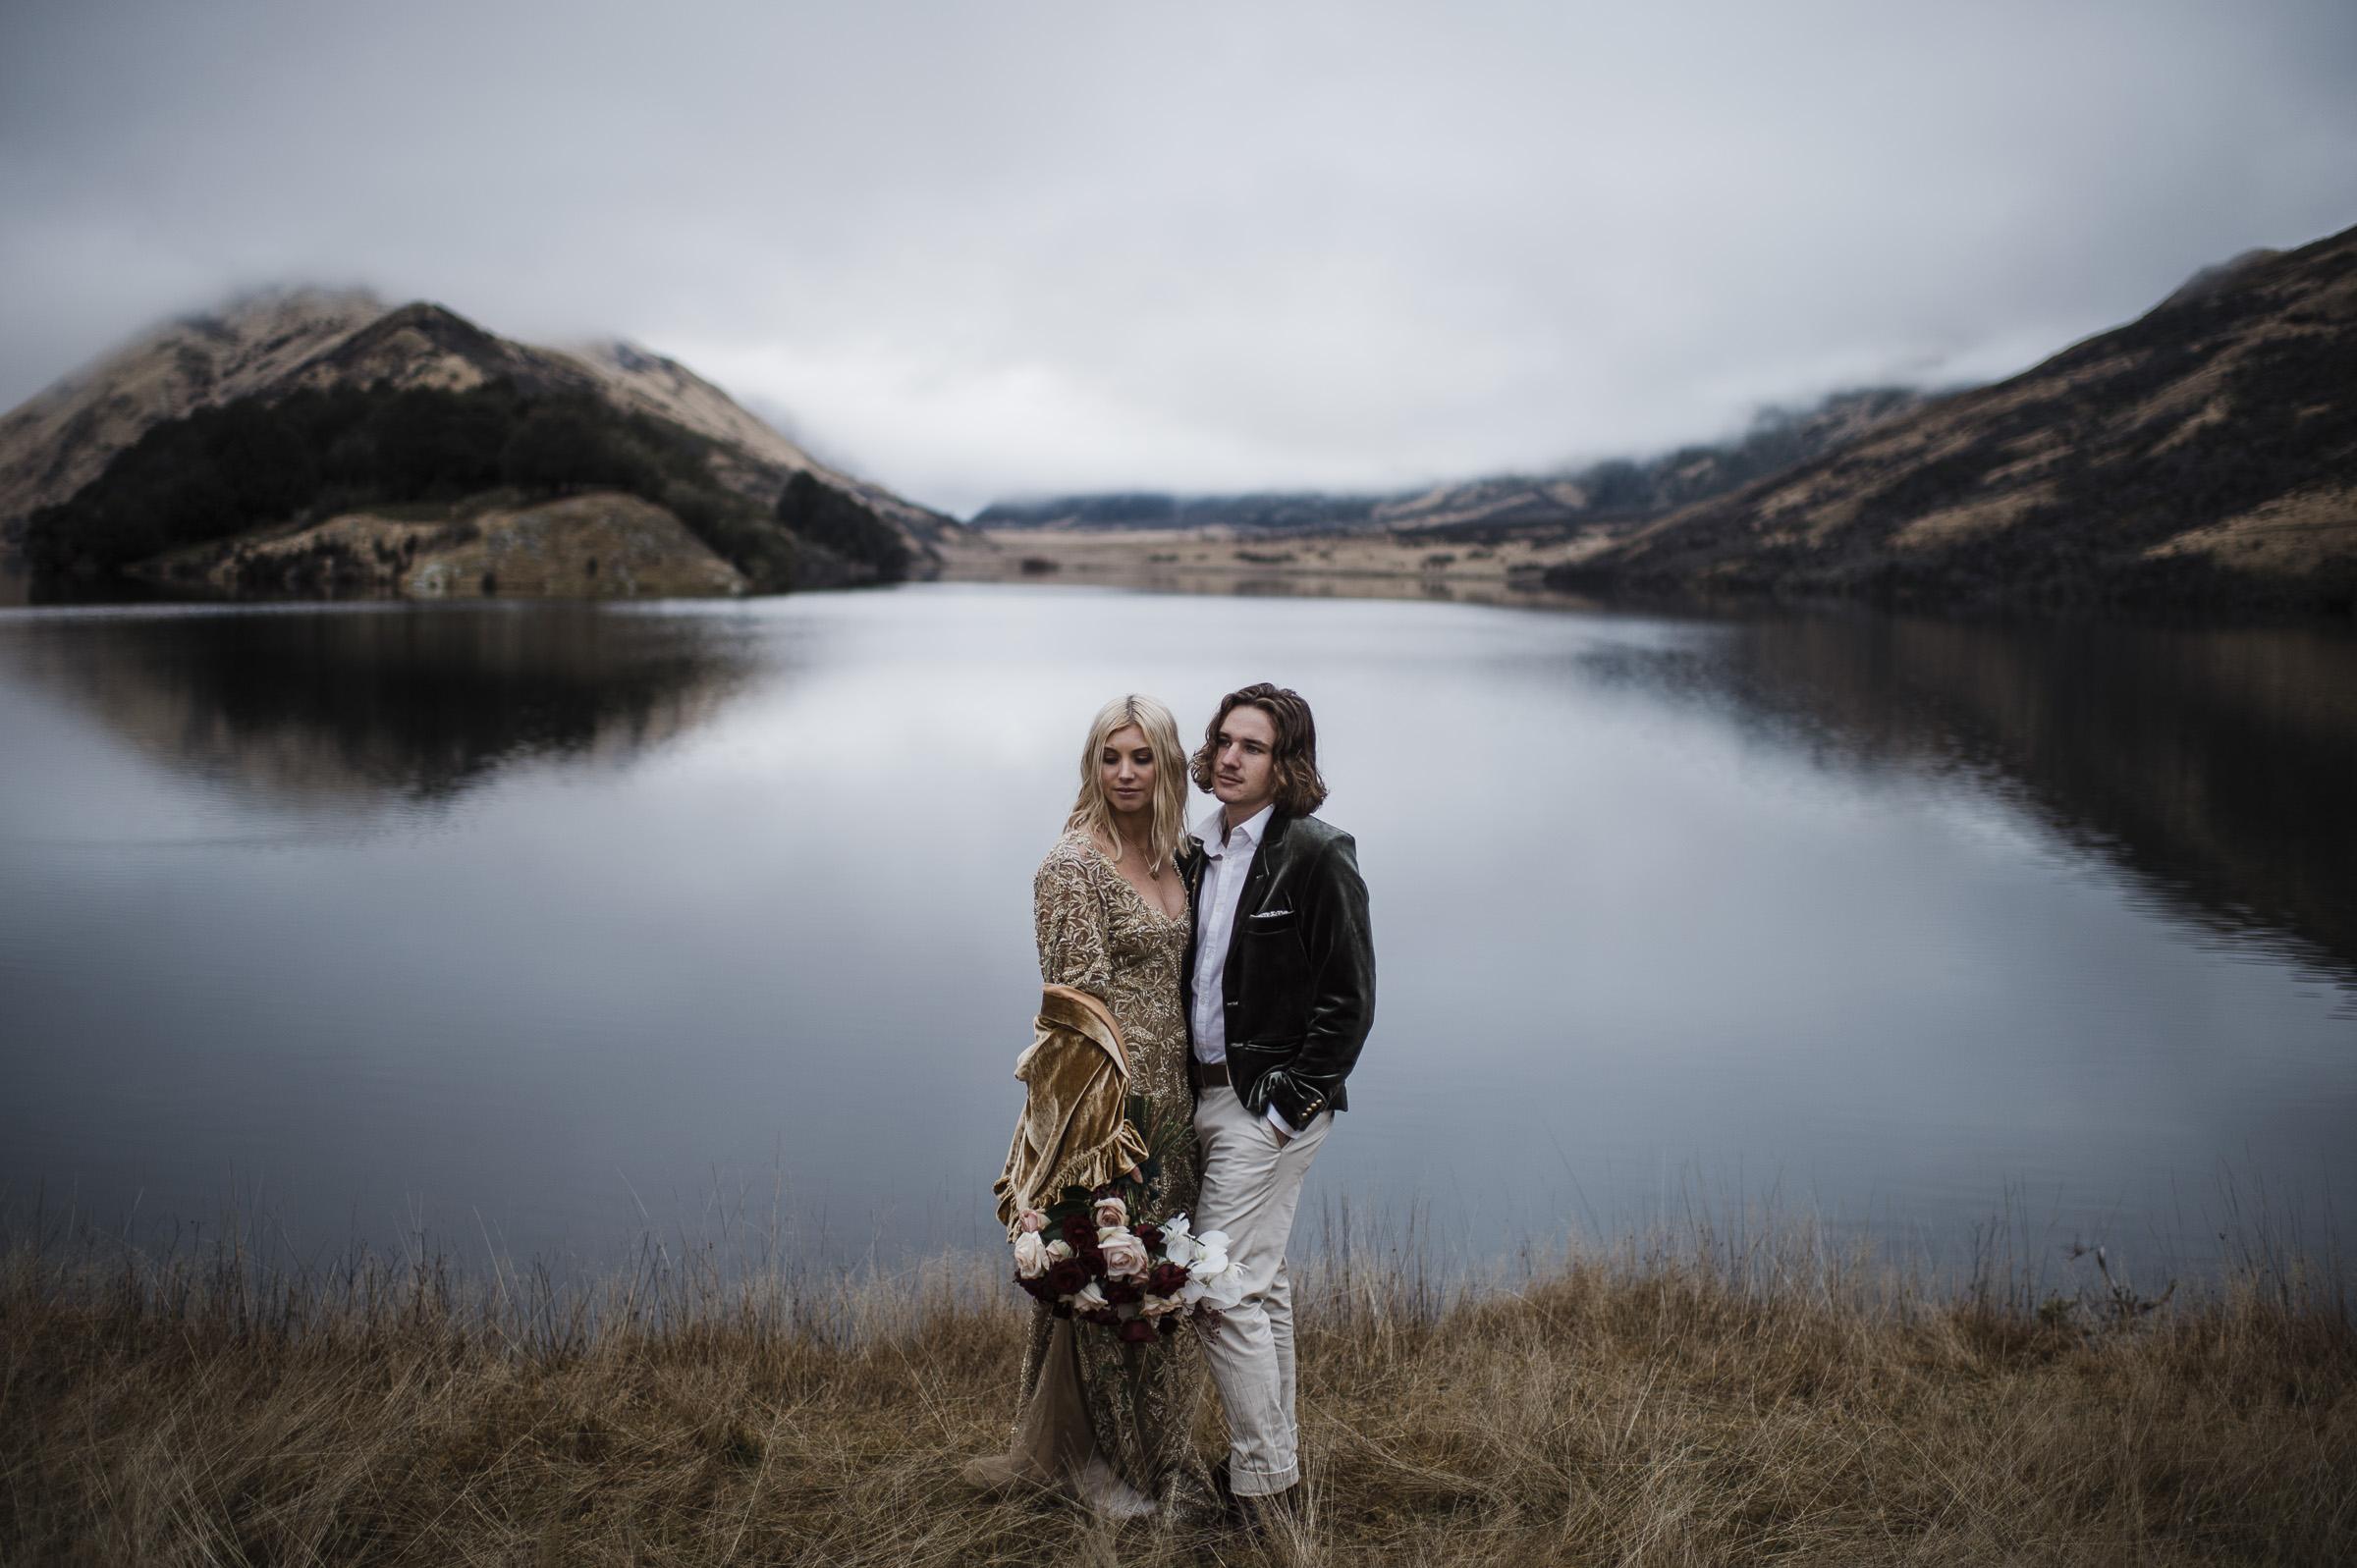 Sophie_Cam_Queenstown_New_Zealand_Elopement_Together_Journal-170.jpg